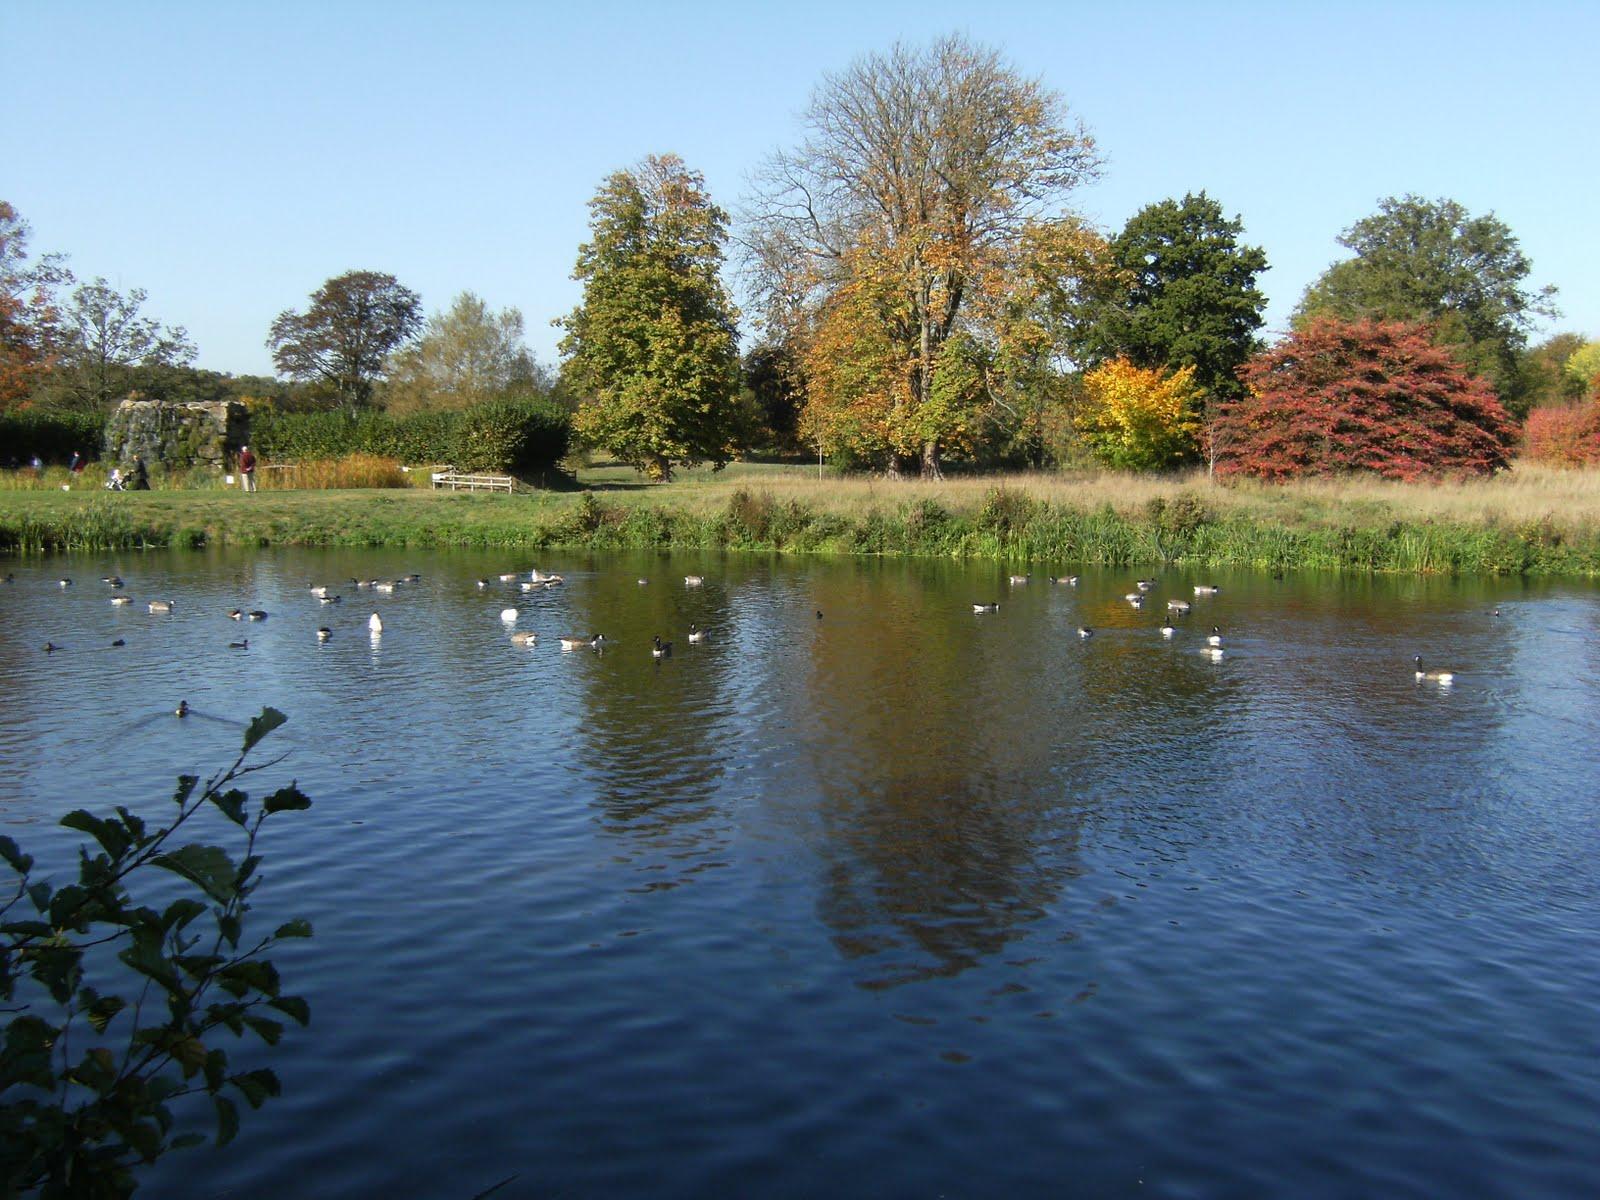 DSCF1990 Lake in Hever Castle gardens